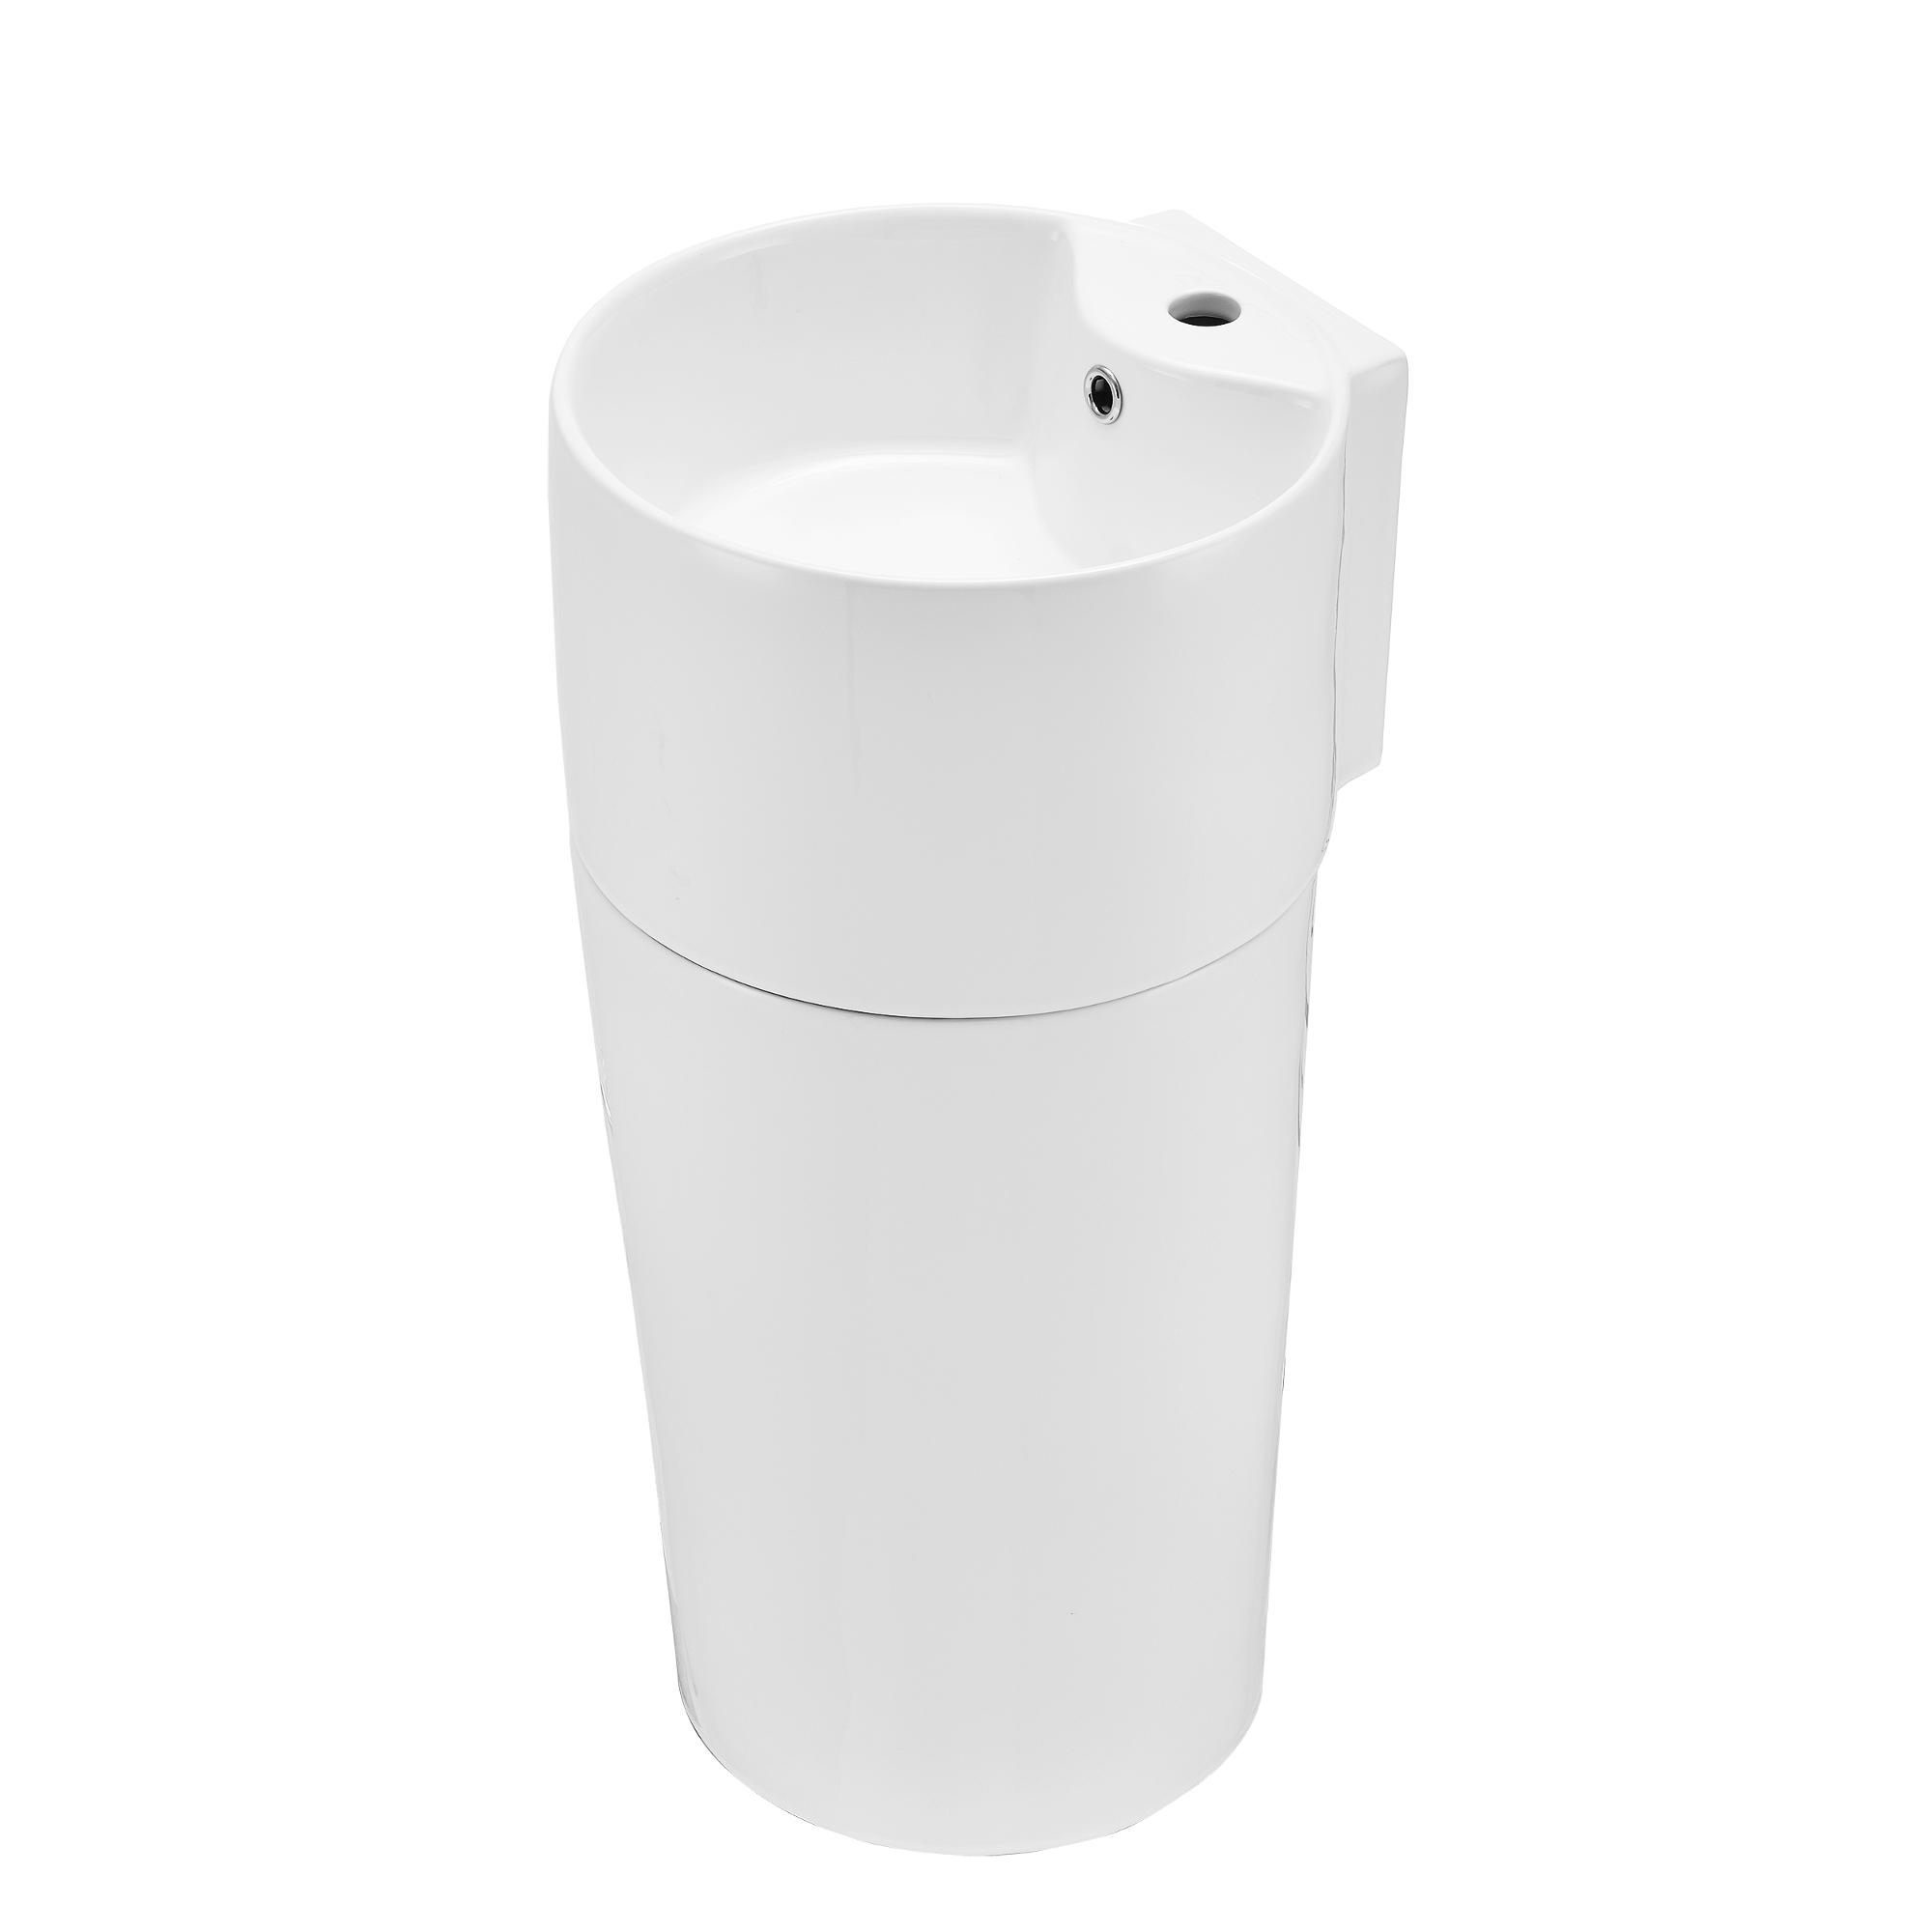 waschbecken waschschale keramik waschtisch. Black Bedroom Furniture Sets. Home Design Ideas